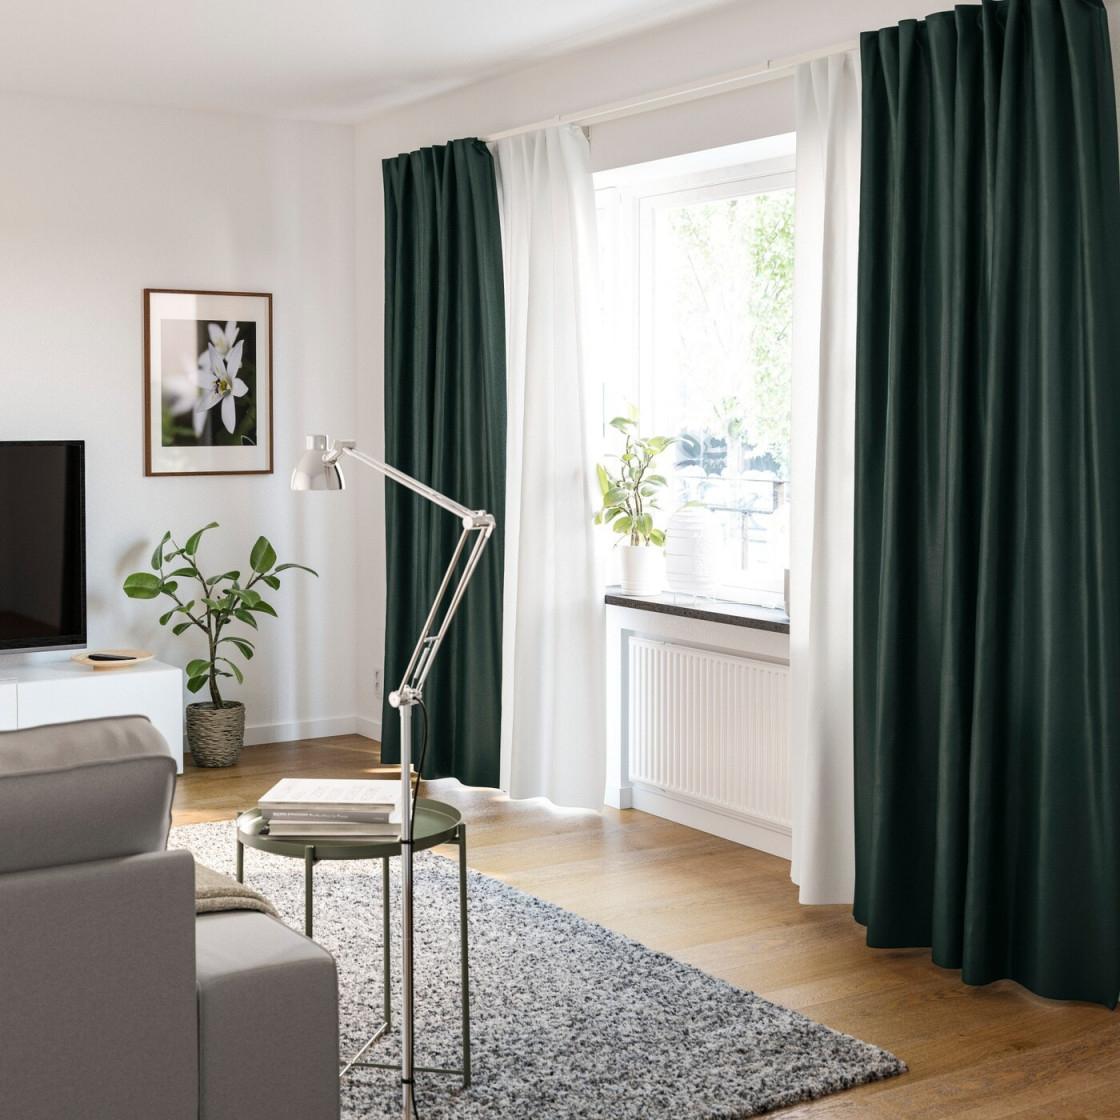 Gardinenideen Inspirationen Für Dein Zuhause  Ikea von Gardinen Wohnzimmer Grün Photo